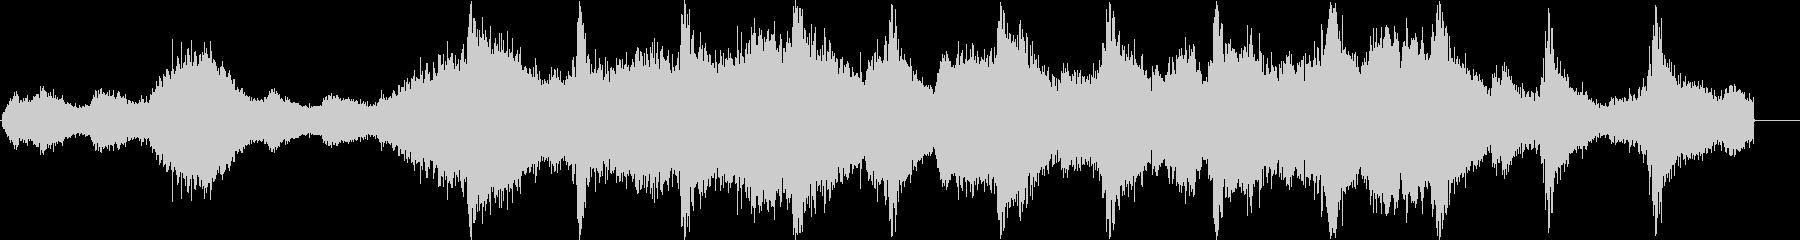 テクスチャを予感させる、これはうだ...の未再生の波形